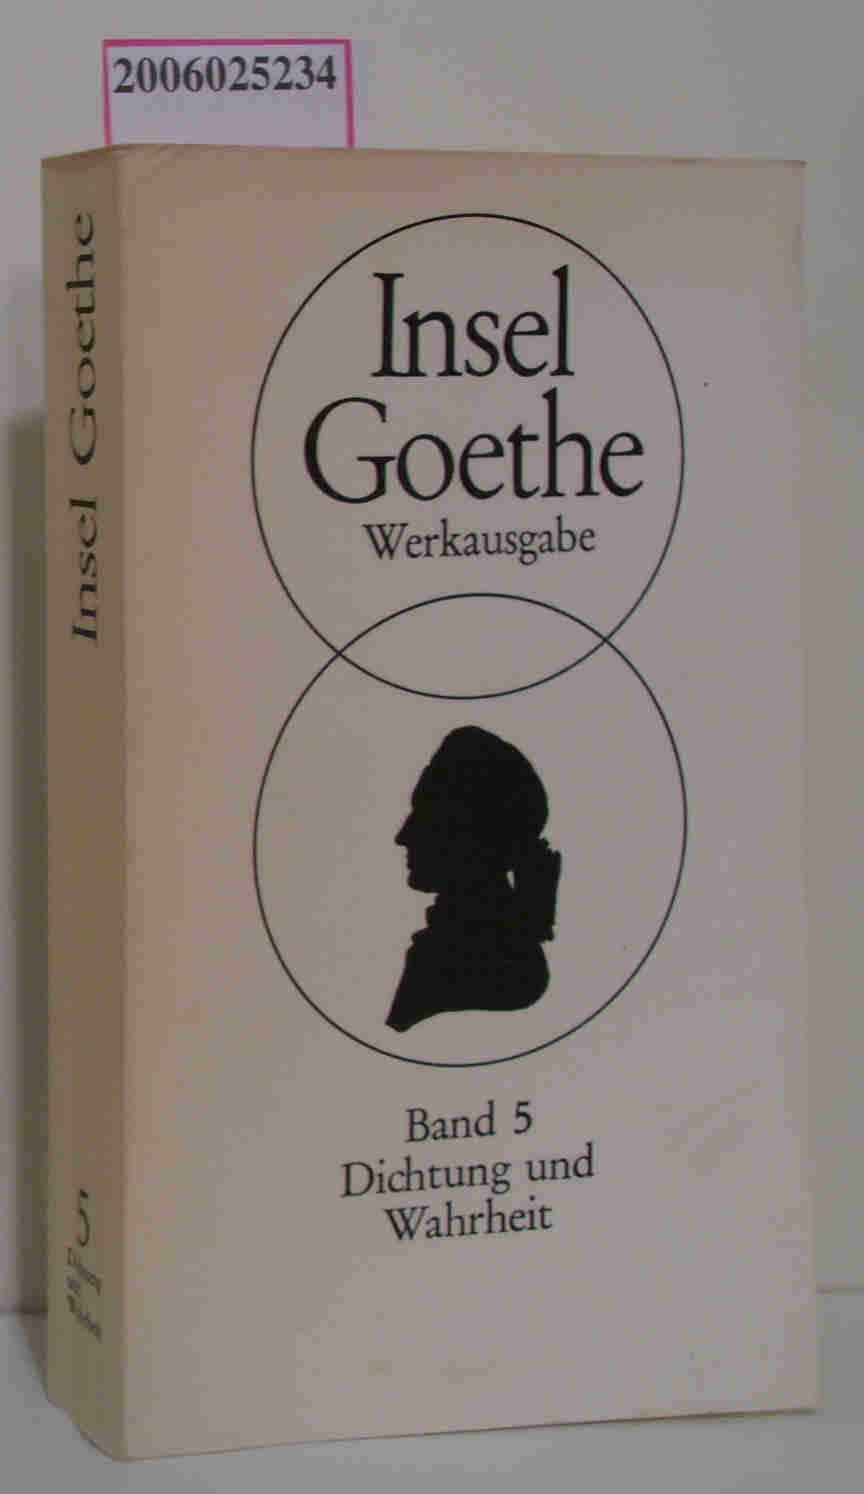 Goethe Werkausgabe Band 5 Dichtung und Wahrheit